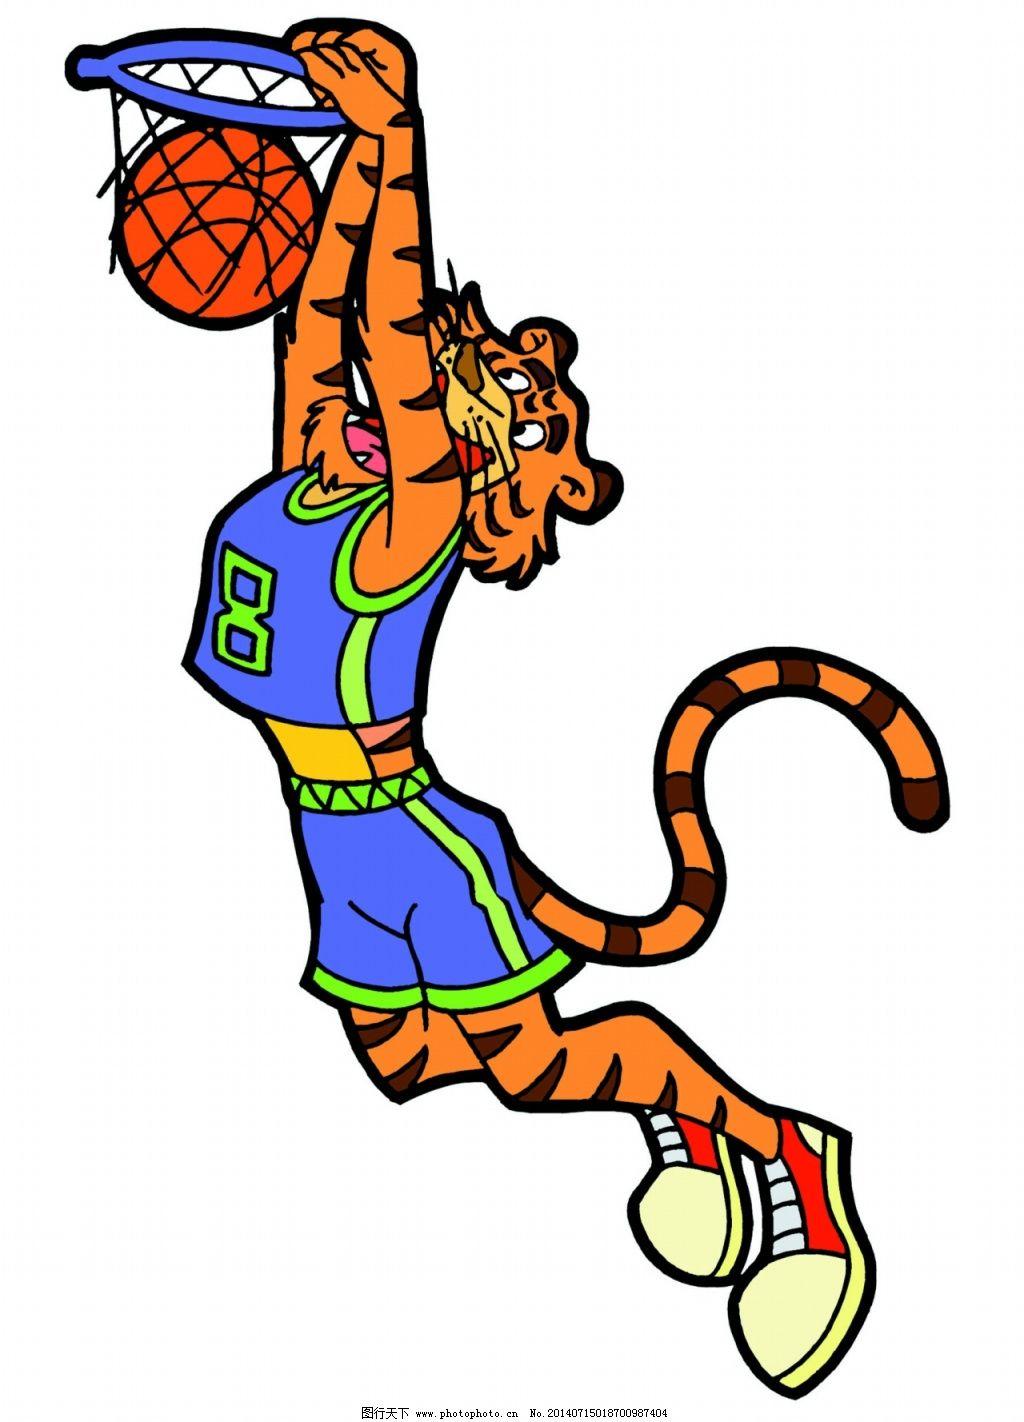 老虎灌篮图片免费下载 儿童绘画素材 卡通小动物 老虎灌篮卡通图画